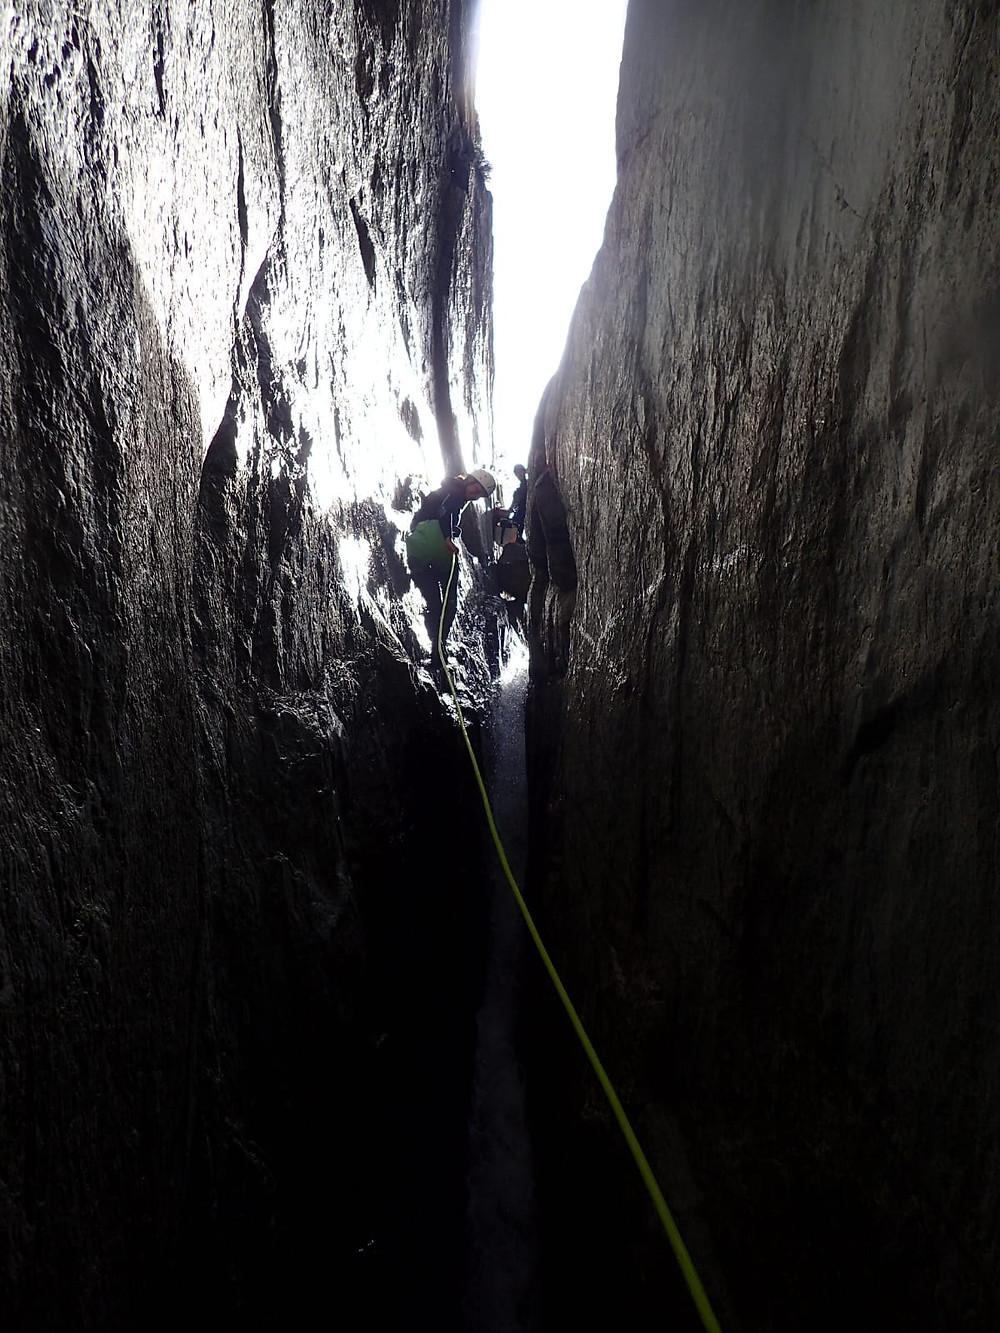 L'impressionnante descente en rappel dans la diaclase, obstacle phare du canyon du Mas Cal Sant